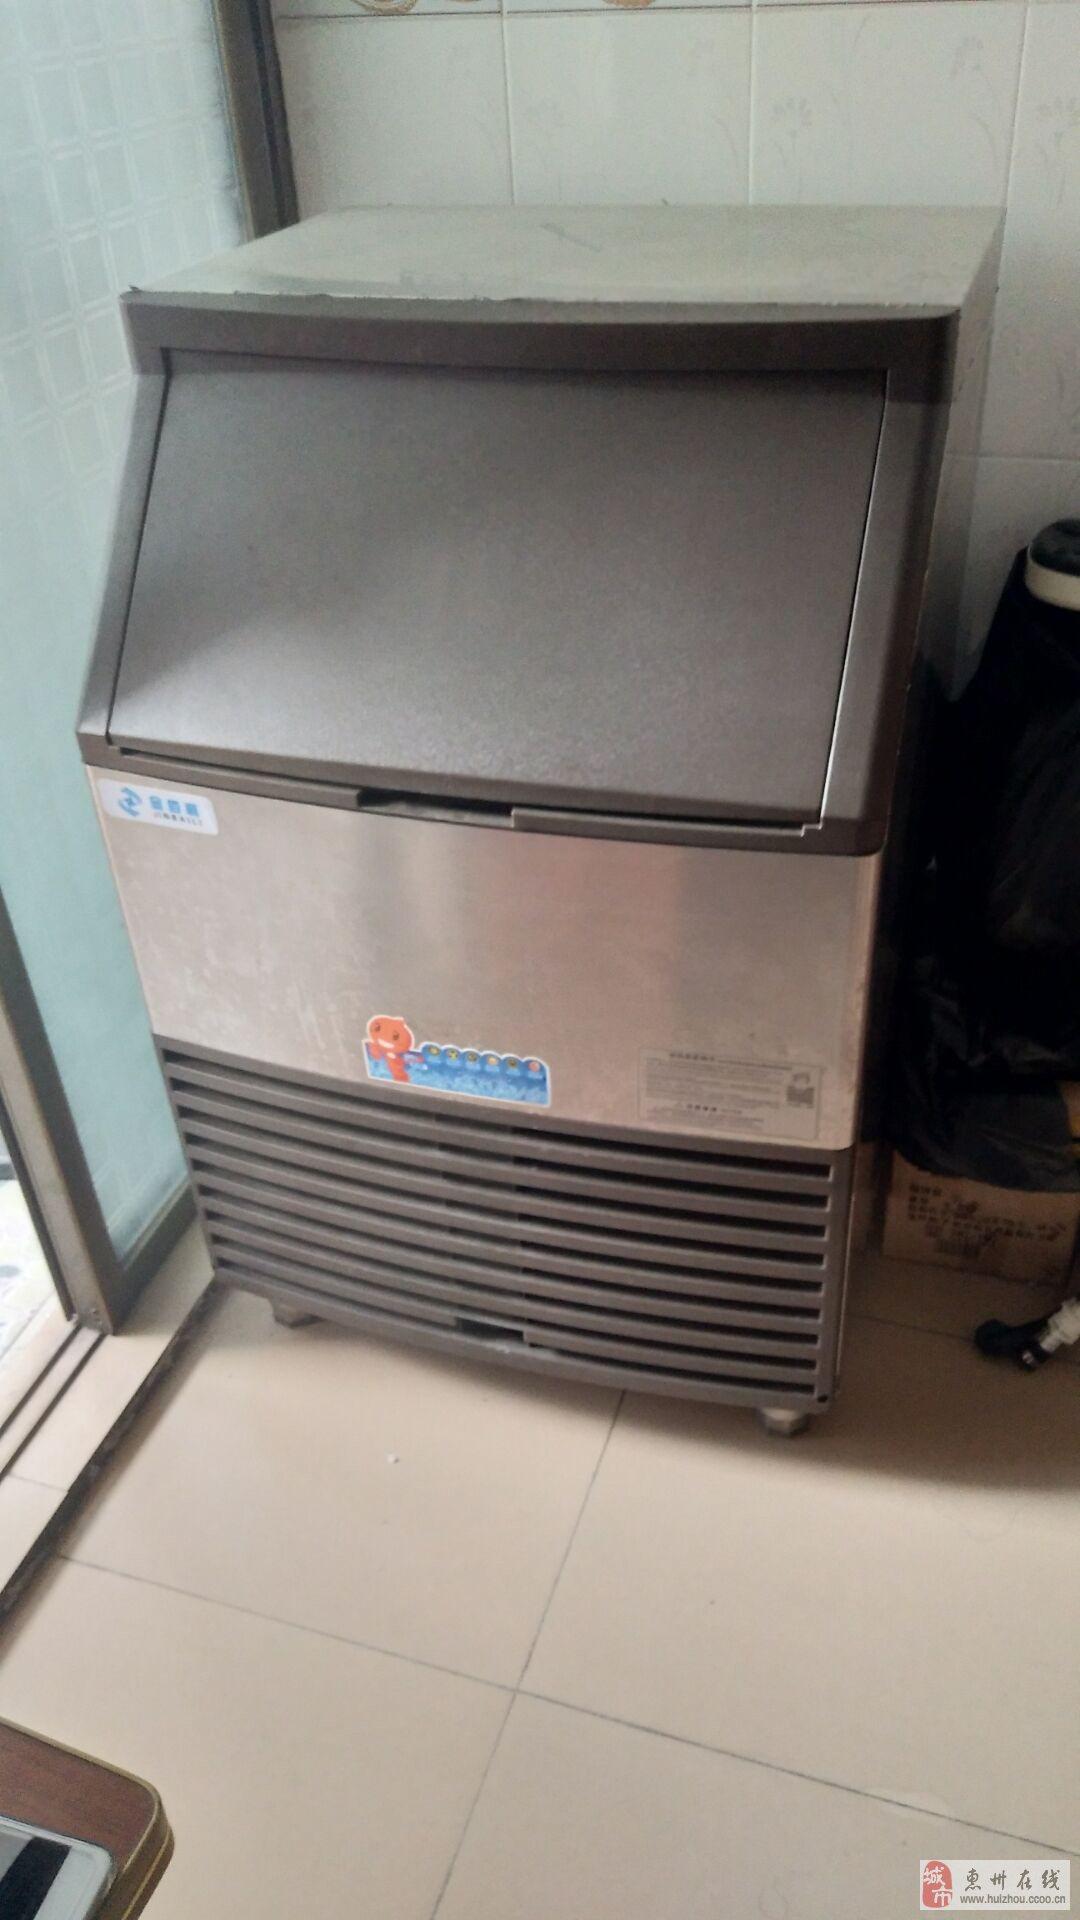 转卖全自动直冰机9成新